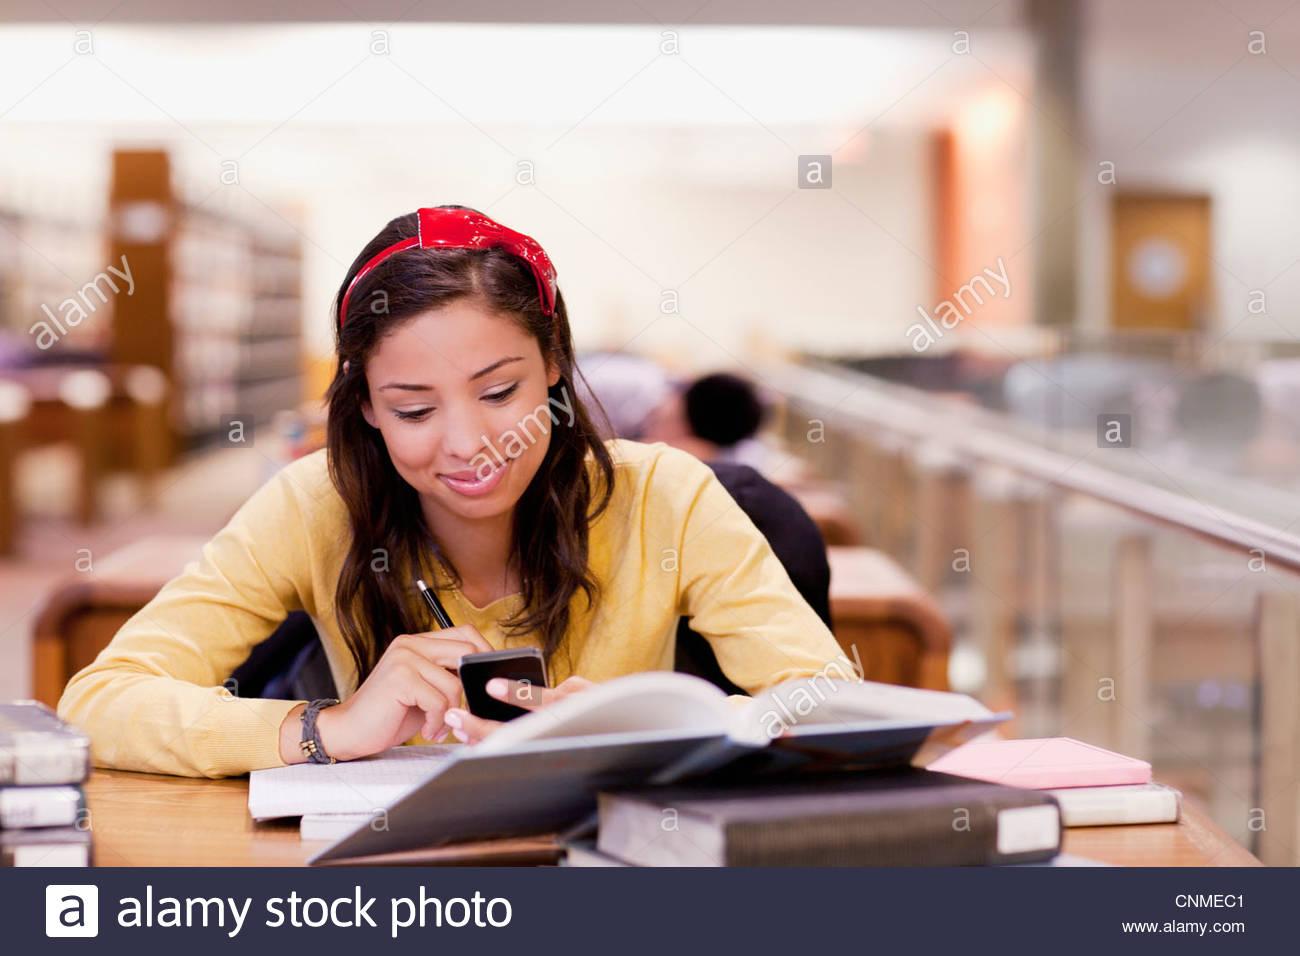 Estudiante usando el teléfono celular y estudiando en la biblioteca Imagen De Stock